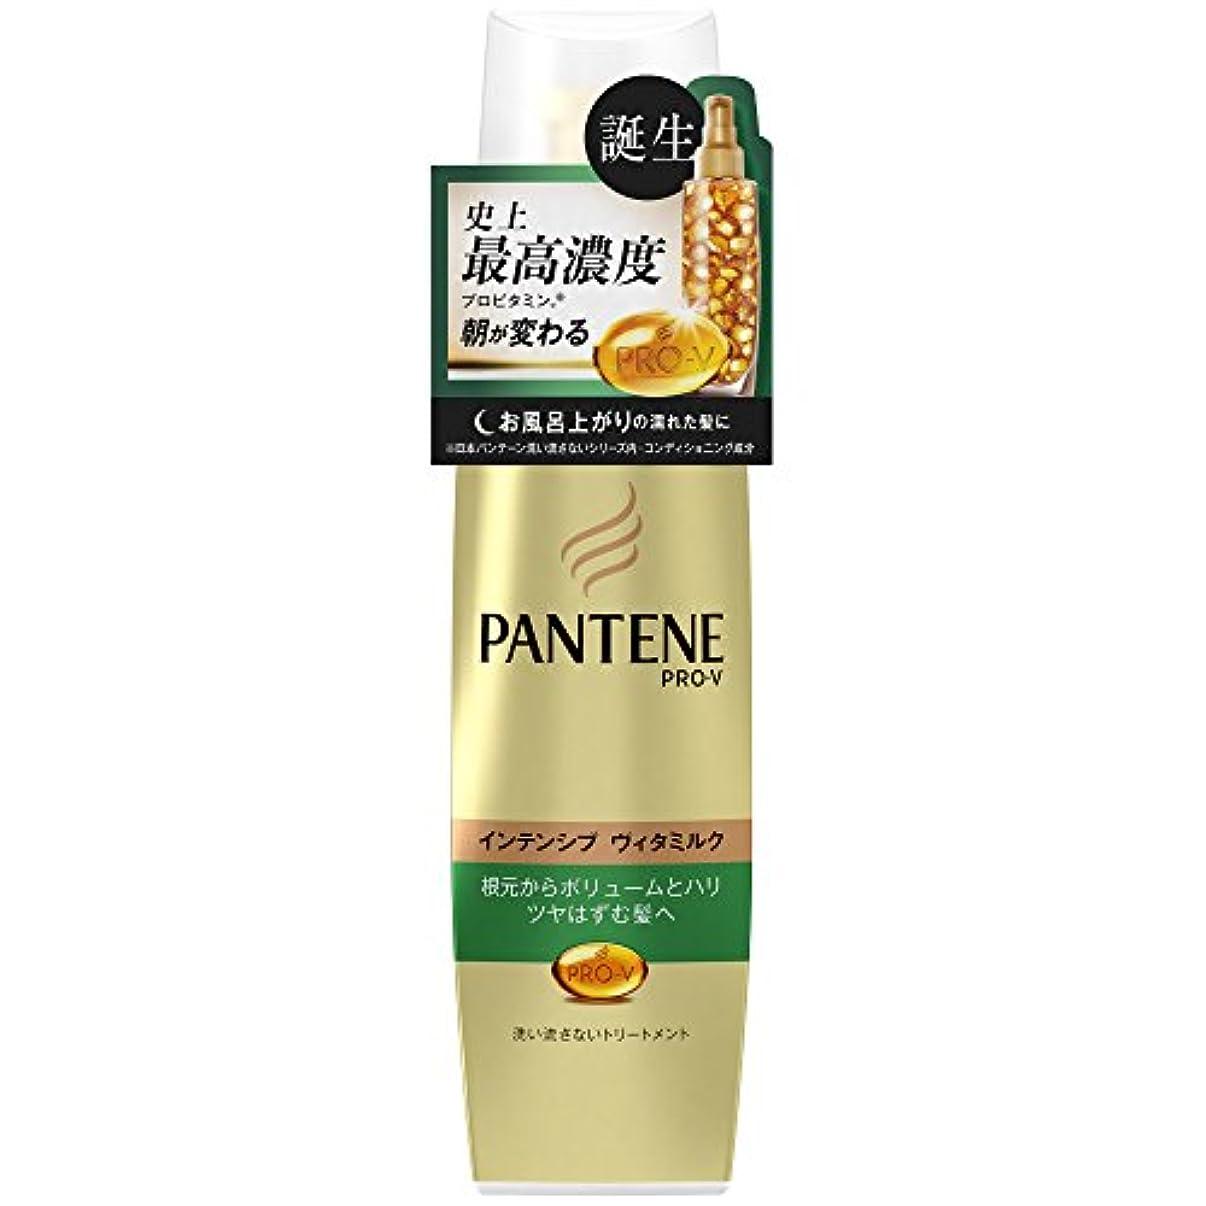 うまくいけばどこでもペルソナパンテーン 洗い流さないトリートメント インテンシブヴィタミルク ボリュームのない髪用 100ml